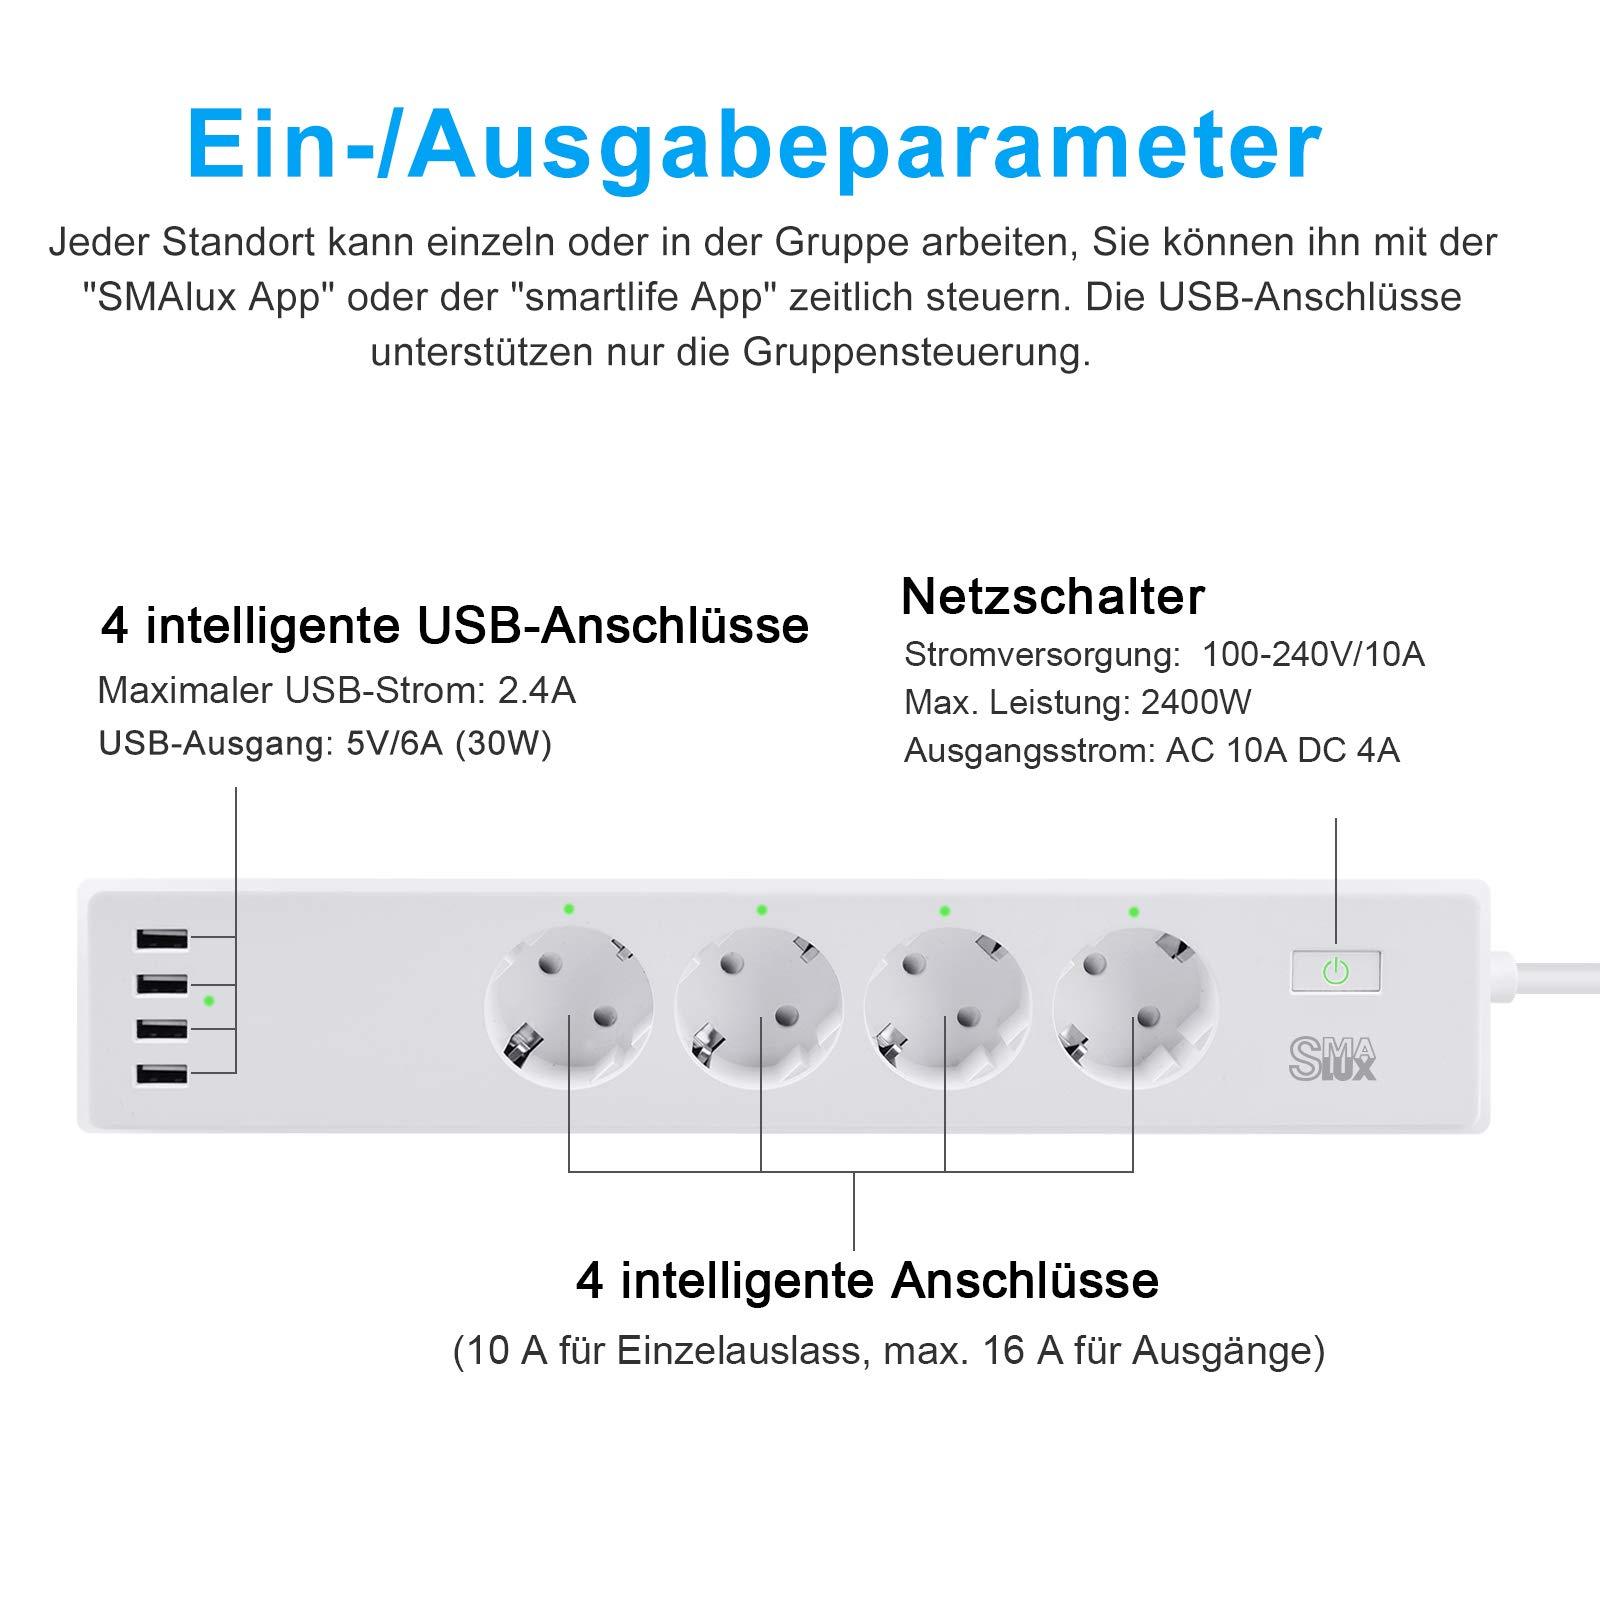 4 fach / 4 USB WLAN Steckdosenleiste Steckerleiste und Steckdose Stecker überspannungsschutz 1,8 m Kabel Funktioniert mit Amazon Alexa (Echo und Echo Dot) Google Home und IFTTT für Sprachsteuerung App Fernsteuerung für iOS Android überall u